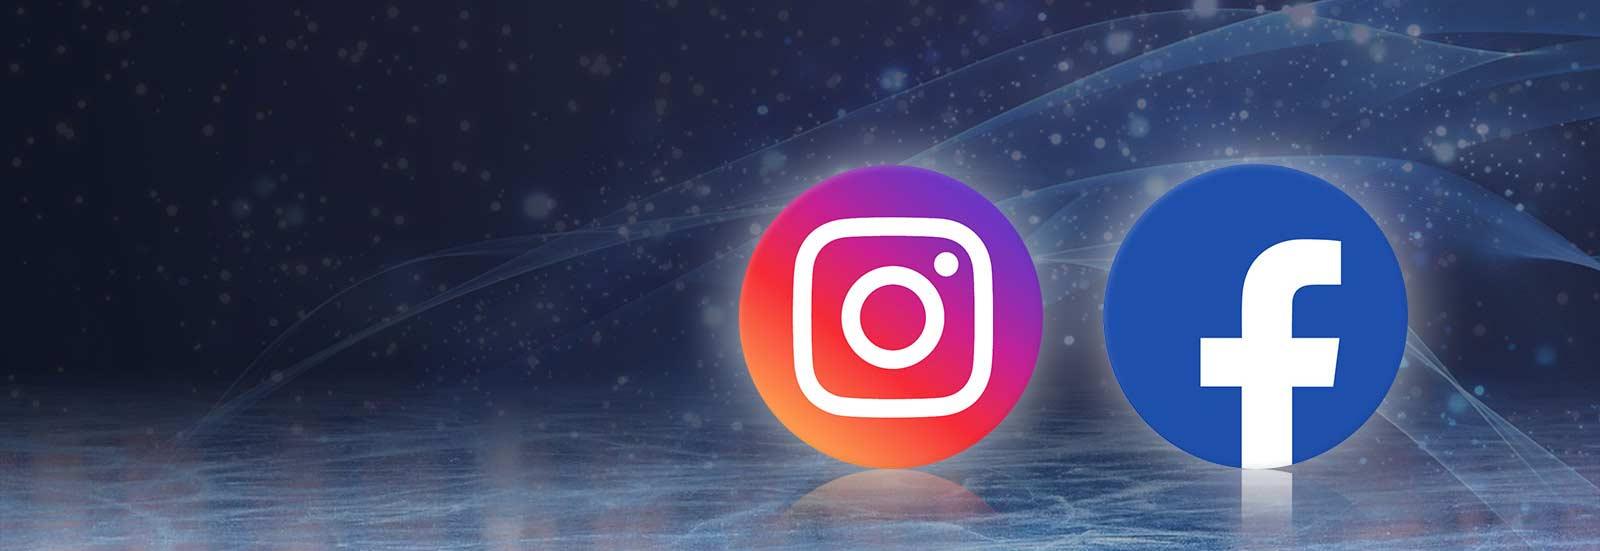 Halmstads Konståkningsklubb i sociala medier